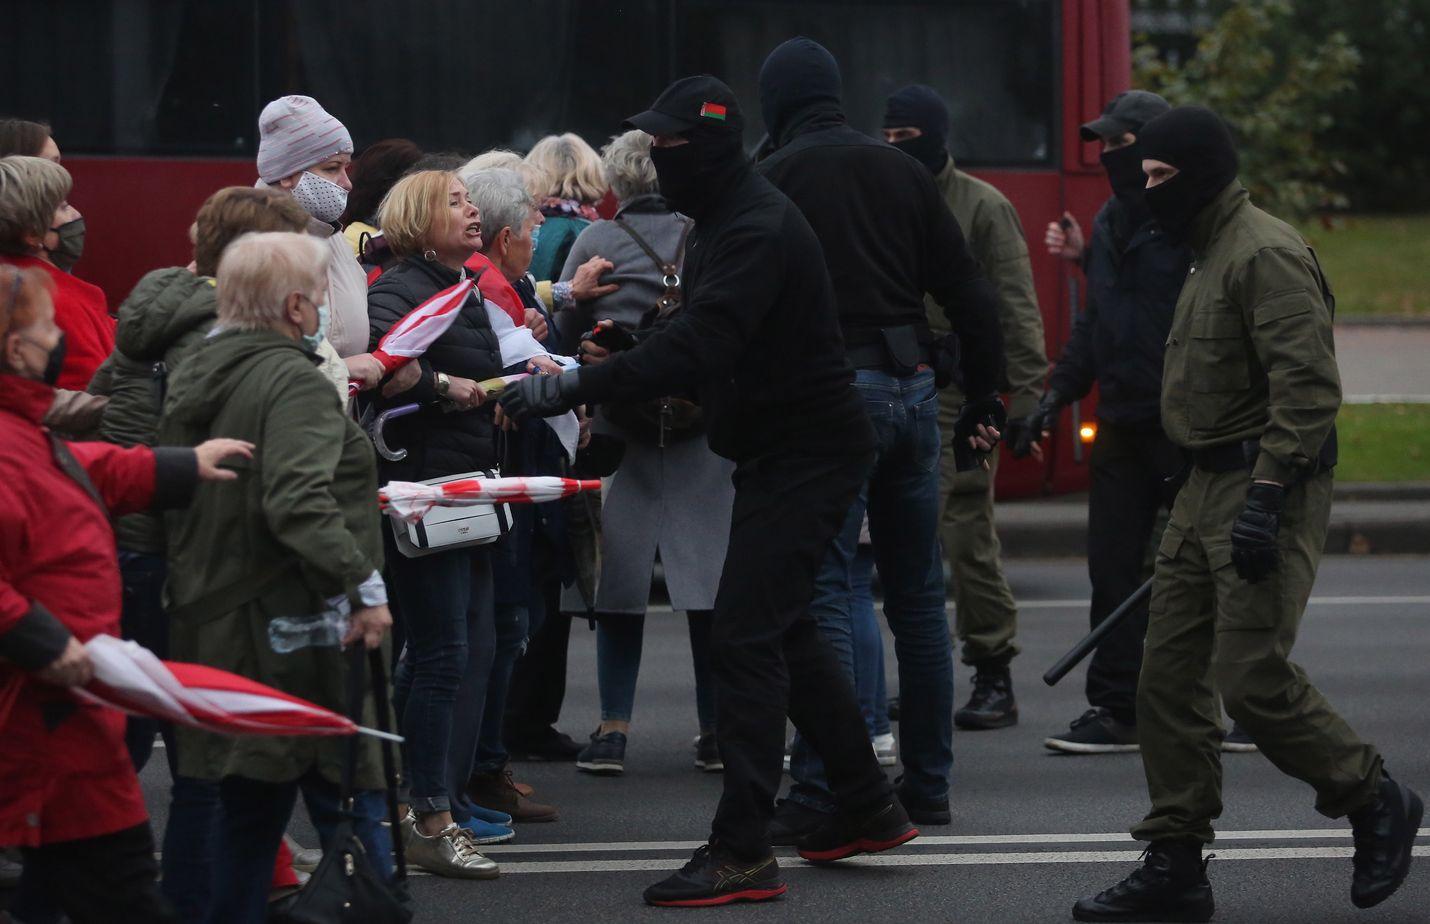 Valkovenäläiset eläkeläiset väittelivät poliisien kanssa maanantaina Minskissä järjestetyn mielenosoituksen aikana.